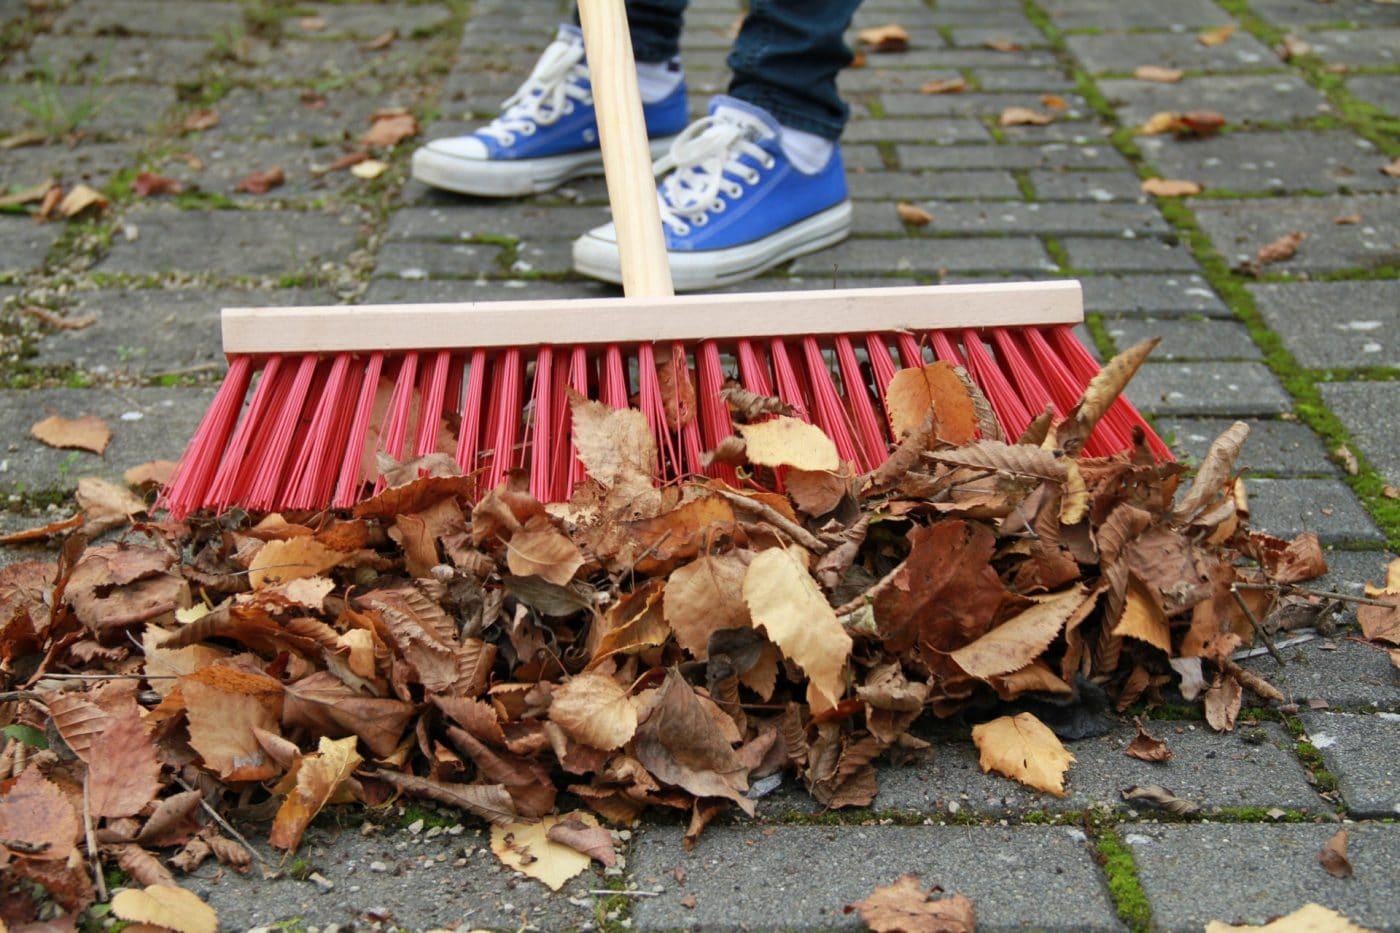 St. Ingbert: Reinigungspflicht bei Laubfall